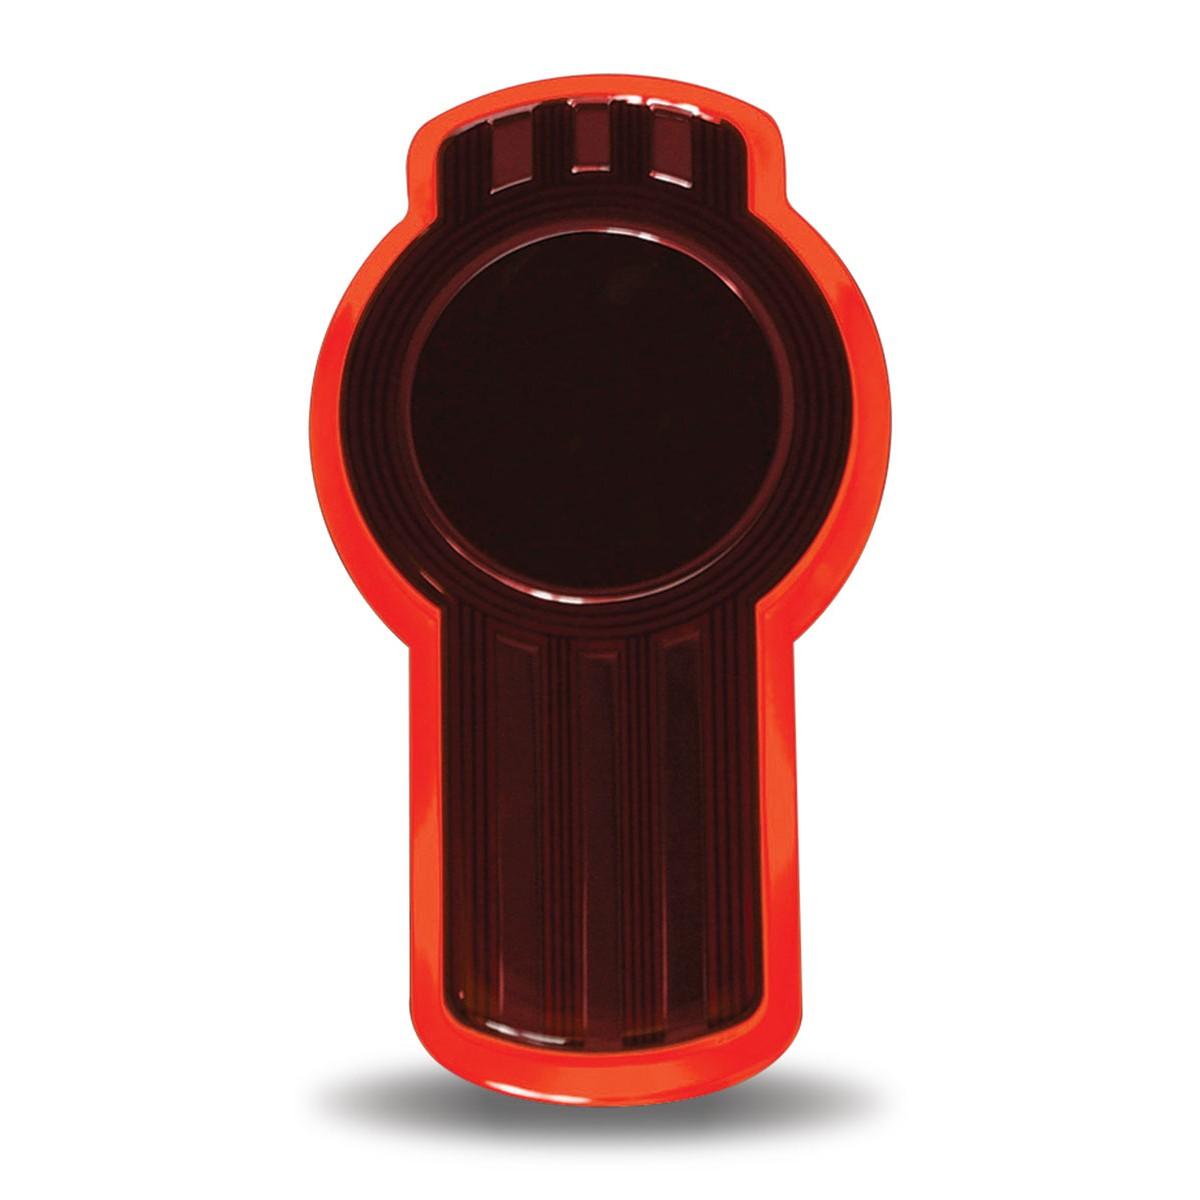 Kenworth hood emblem Red LED Keyhole light, New Design, Brighter Light